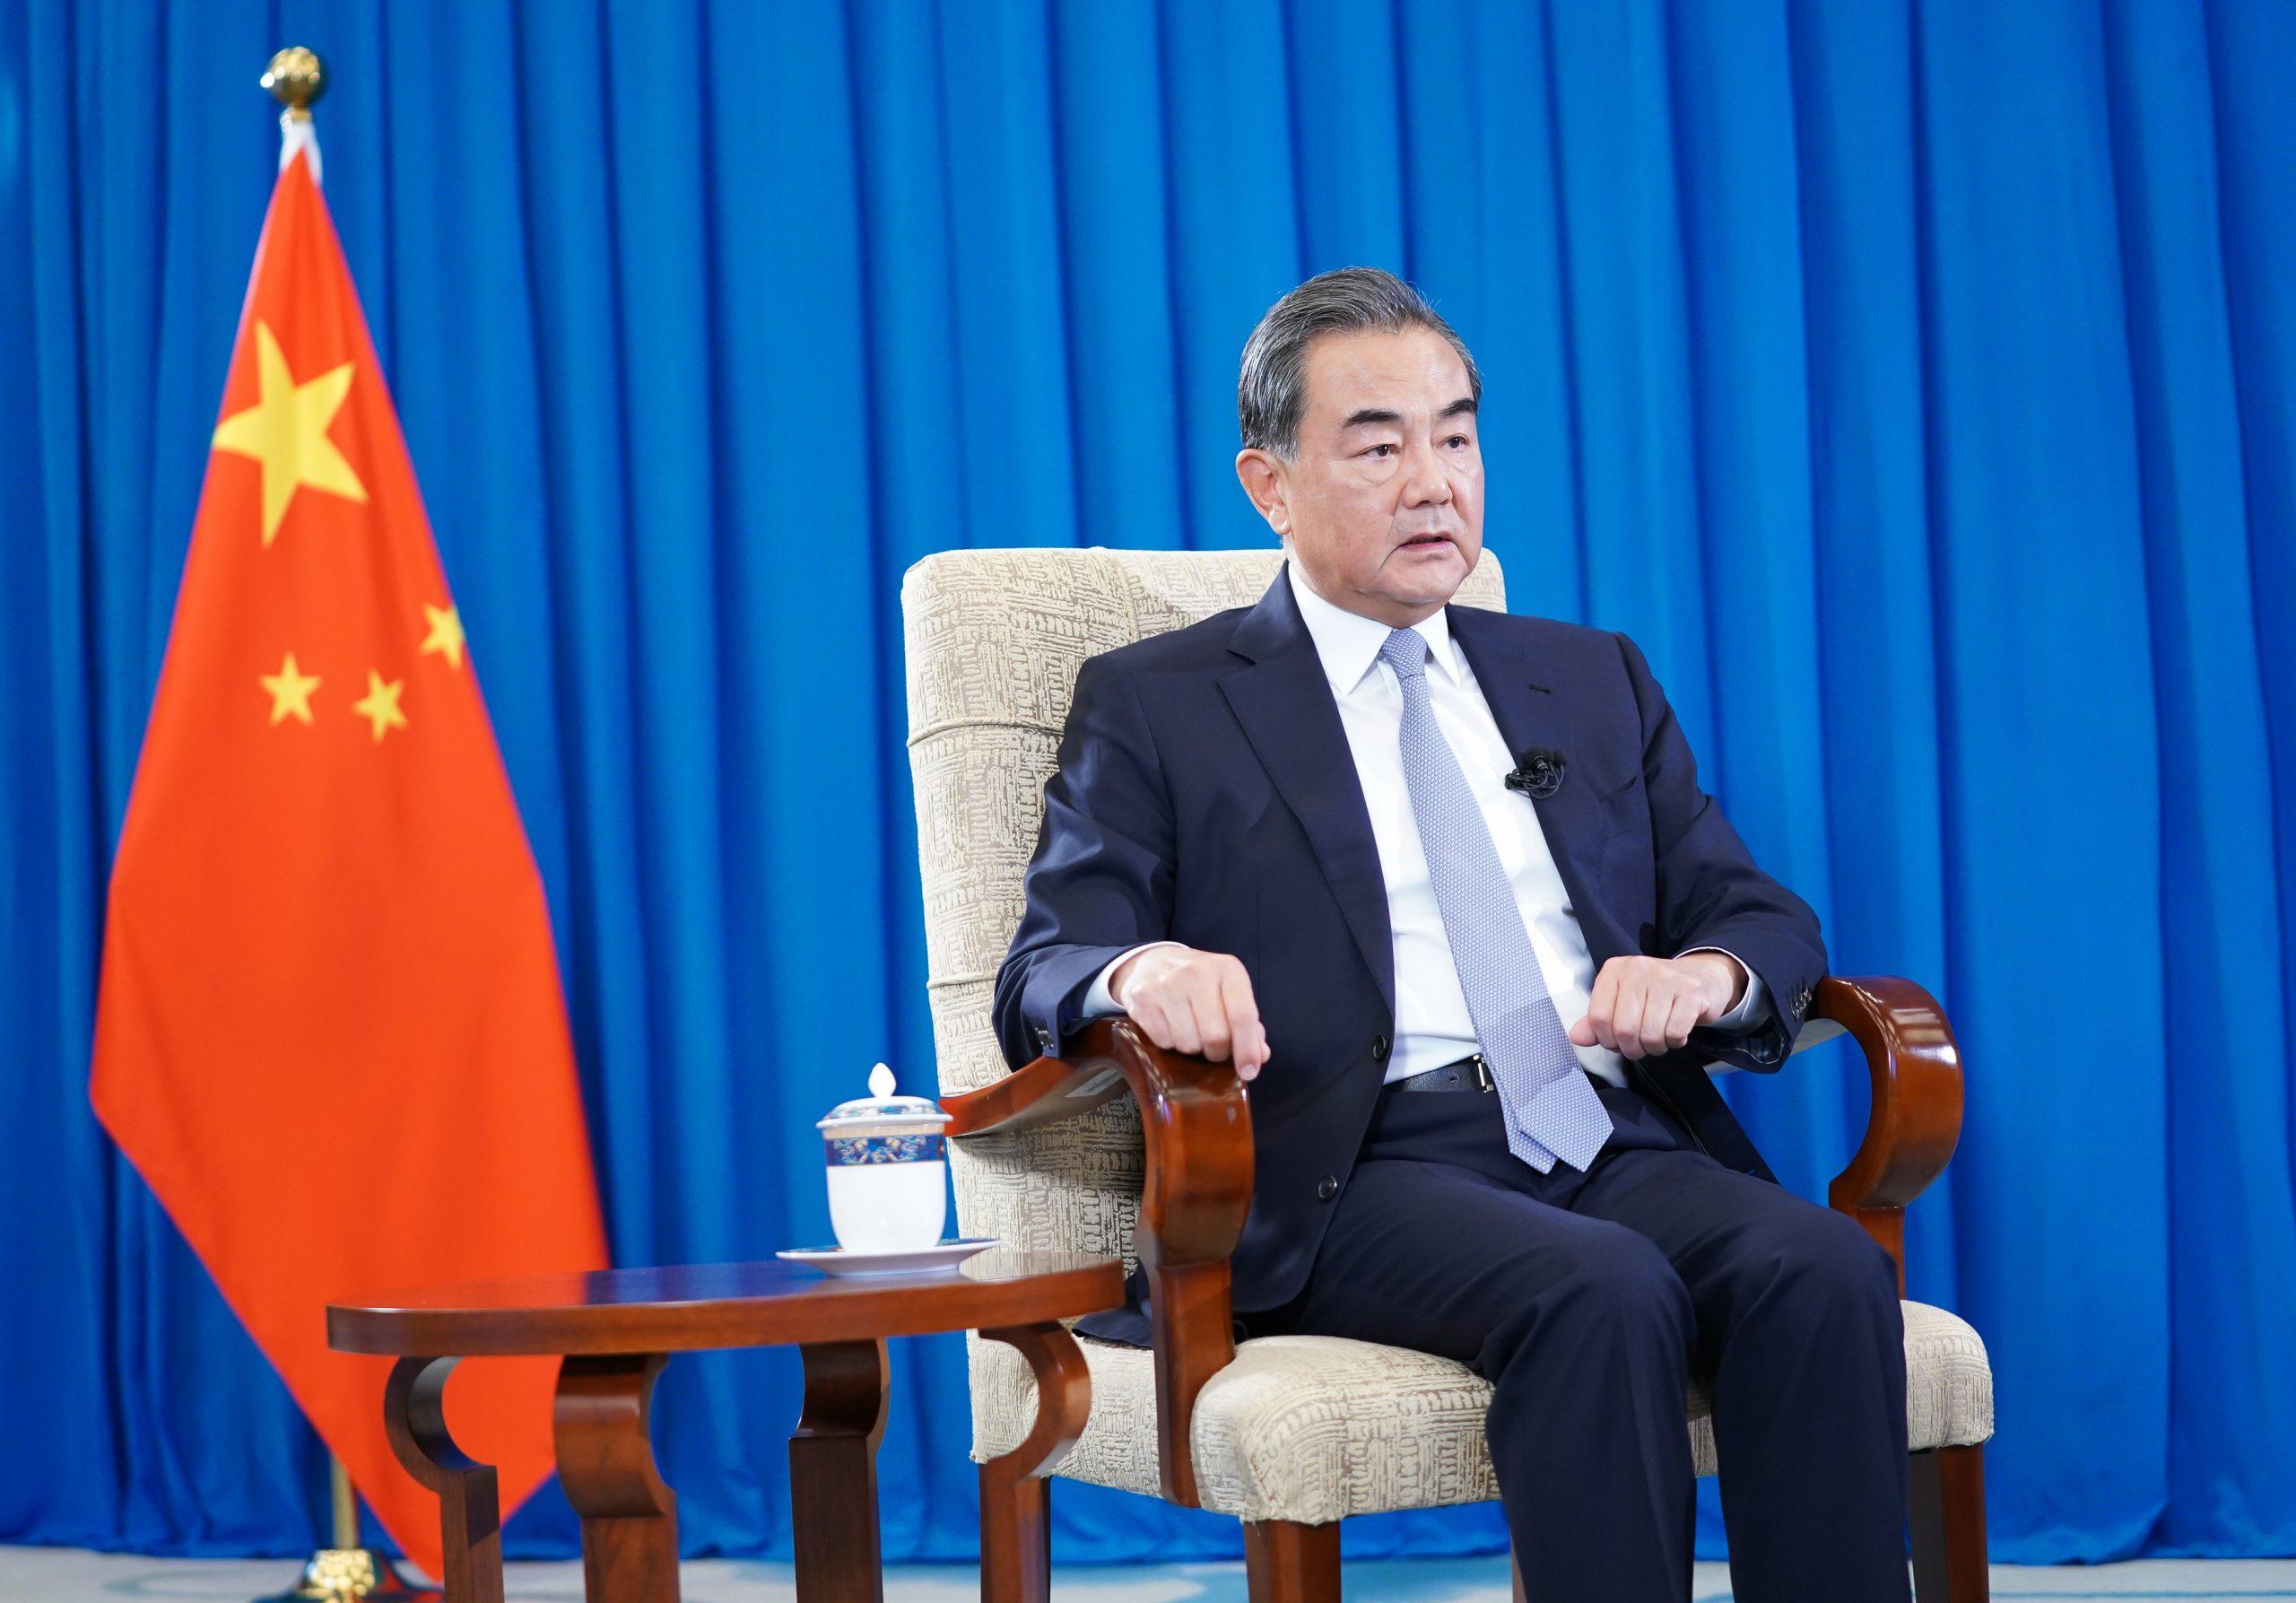 China siempre apoyará a países en desarrollo, según canciller